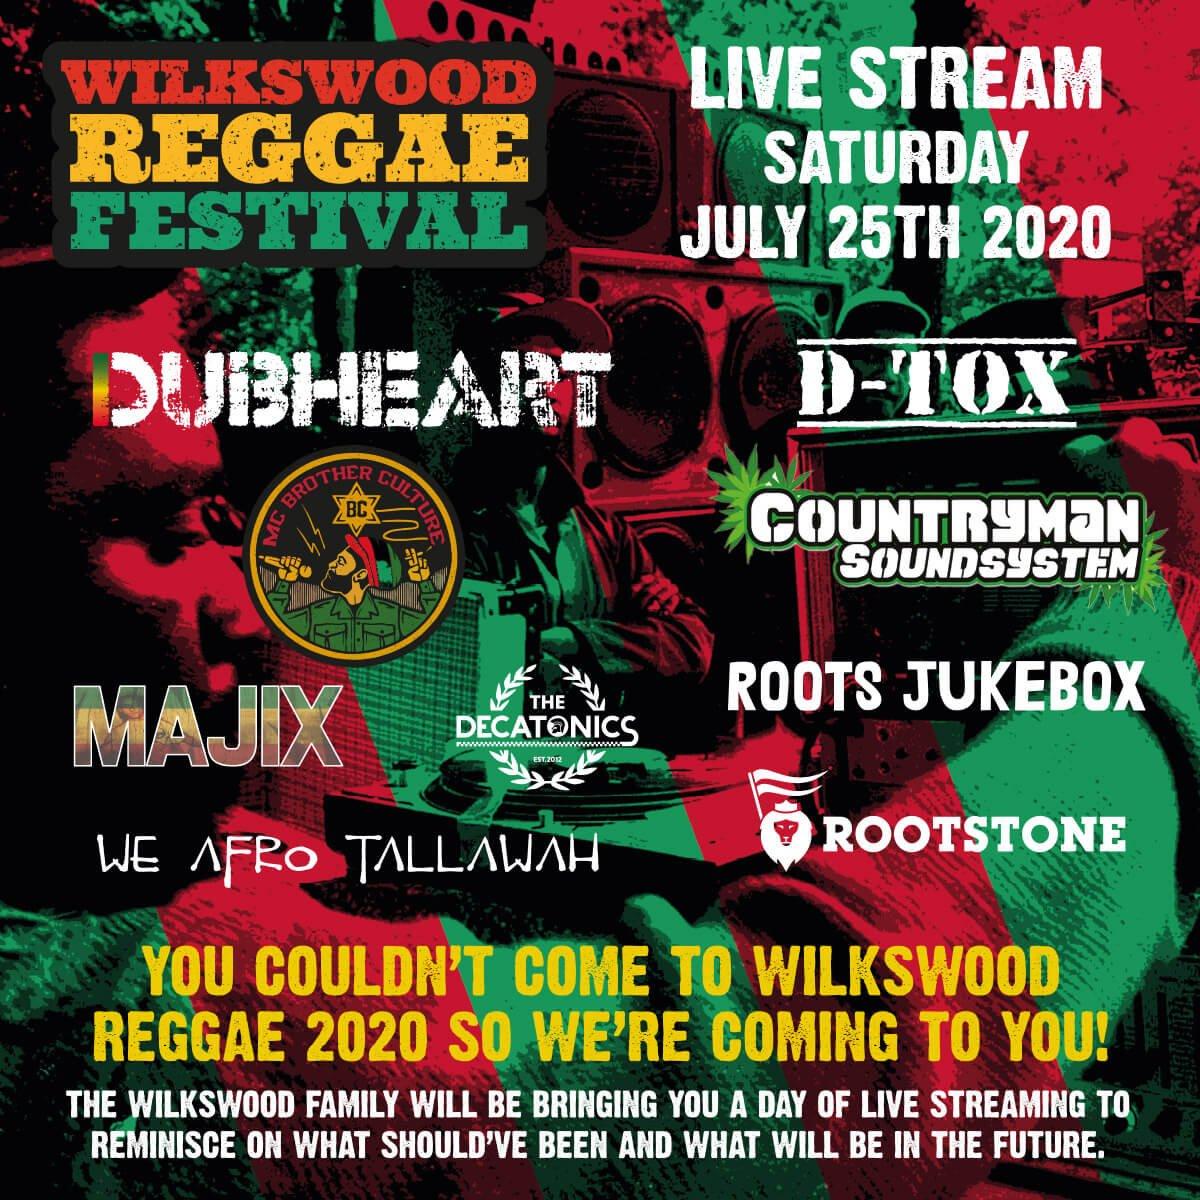 Wilkswood Reggae Festival Live Stream